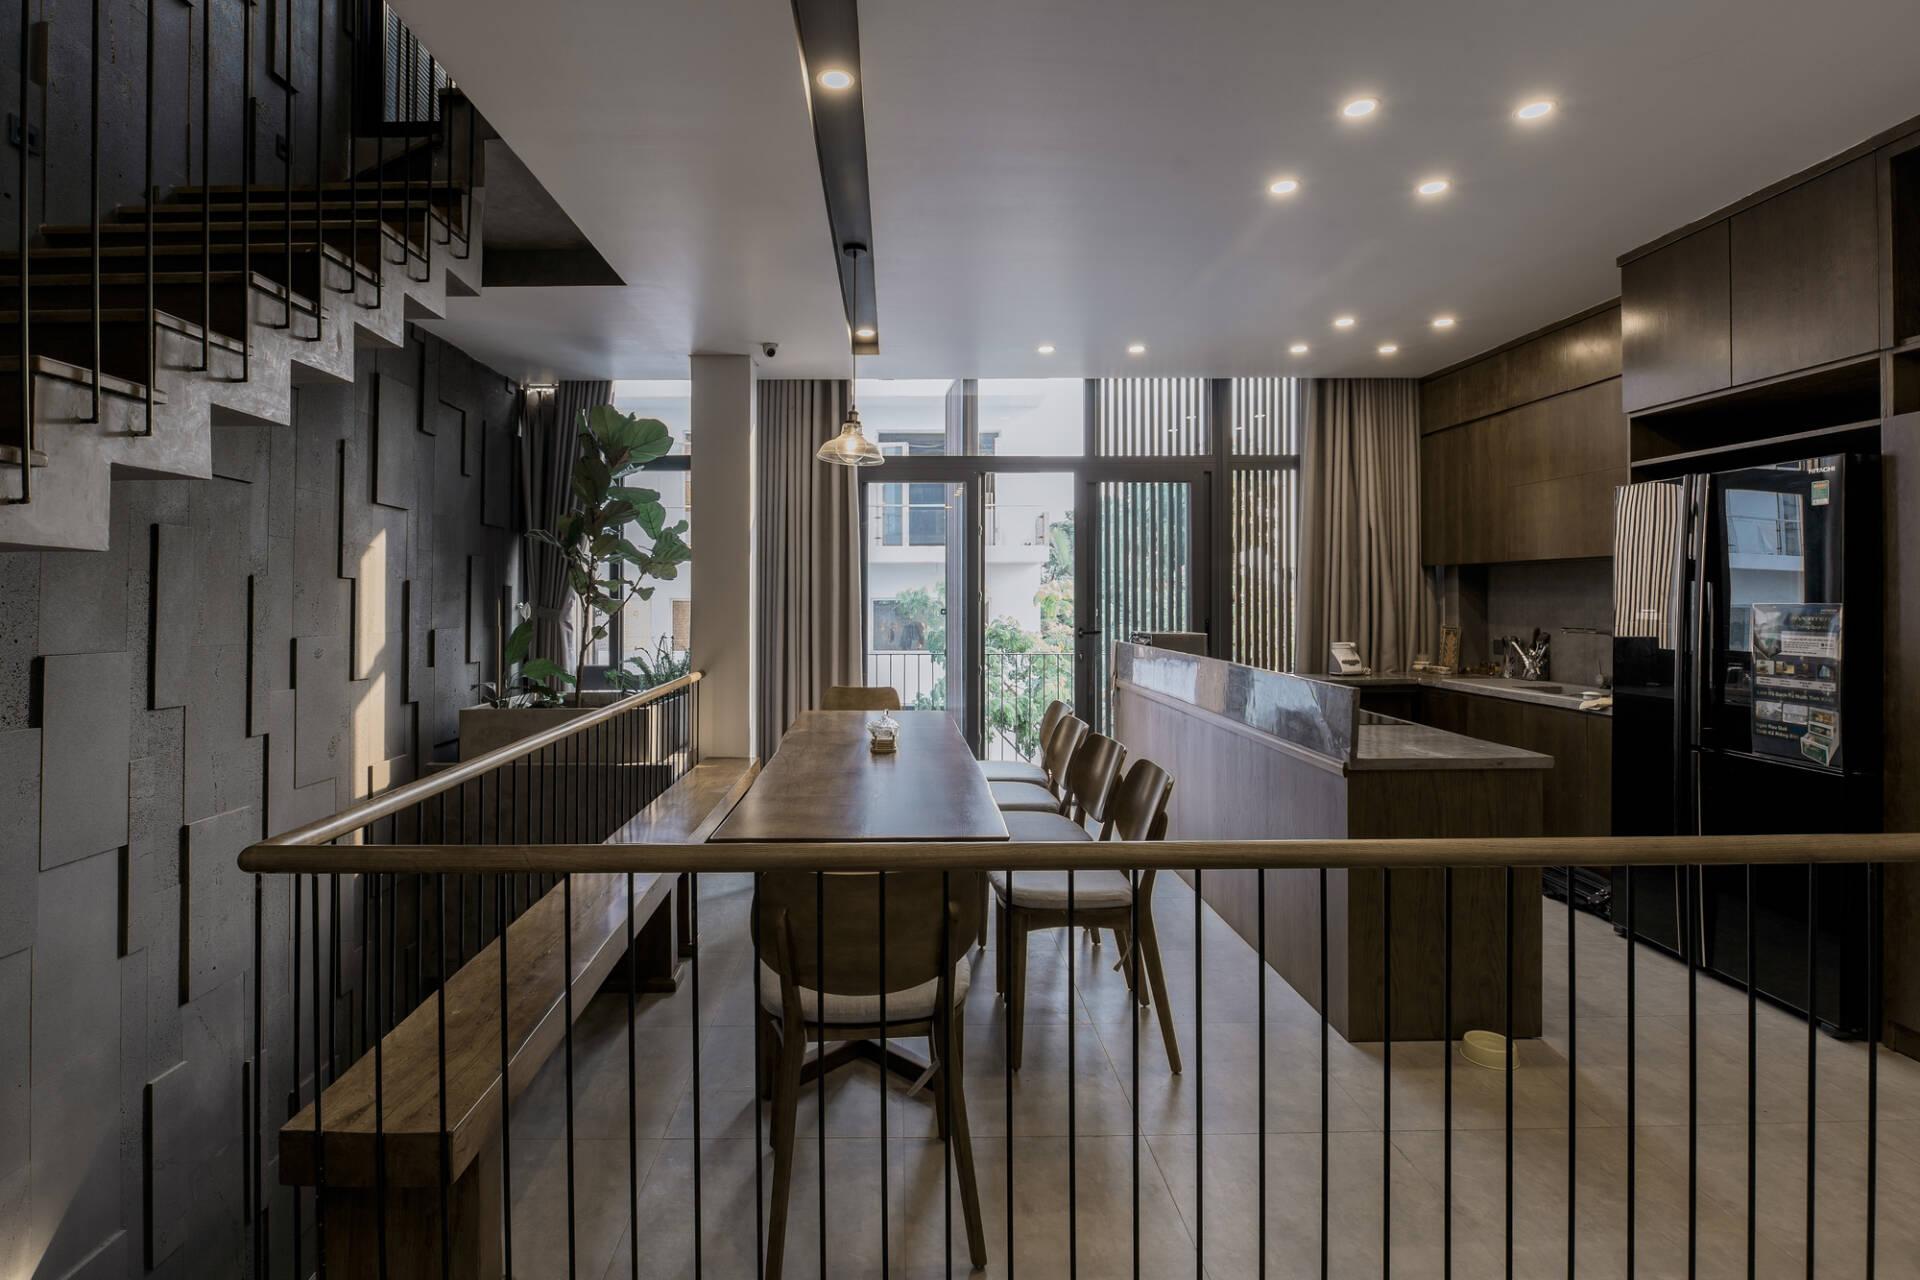 Đối diện phòng khách là phòng ăn + bếp. Đồ nội thất ở không gian này cũng chủ yếu là gỗ để hài hòa với tổng thể chung